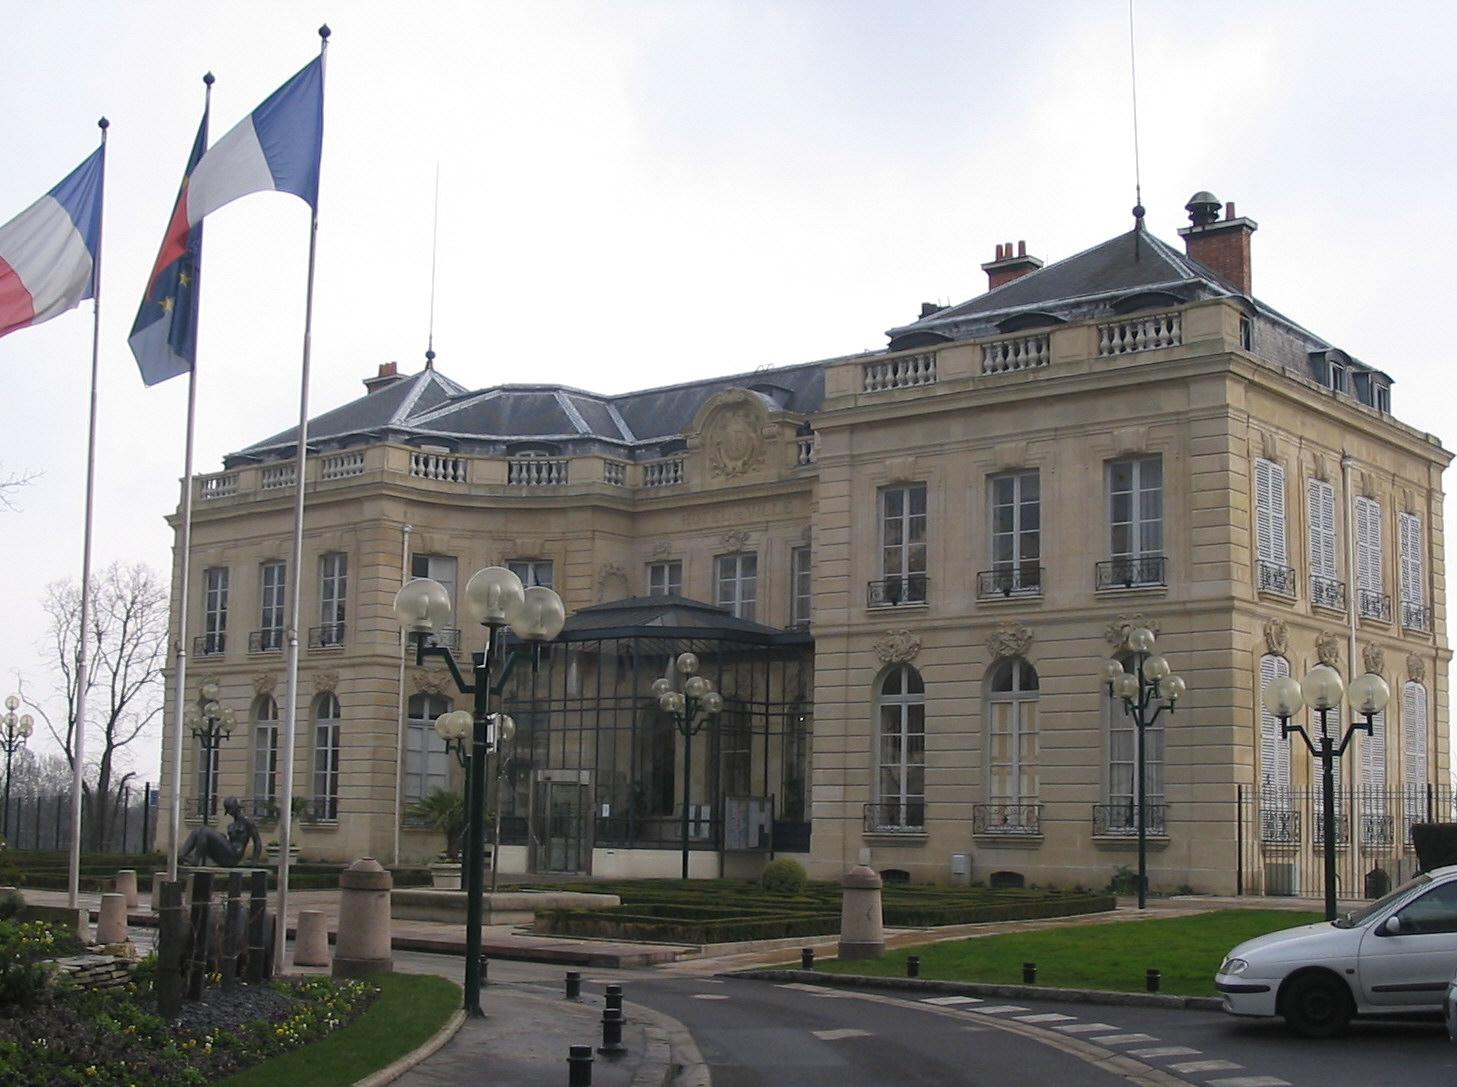 Epinay-sur-Seine France  city images : Mairie de Épinay sur Seine Wikimedia Commons